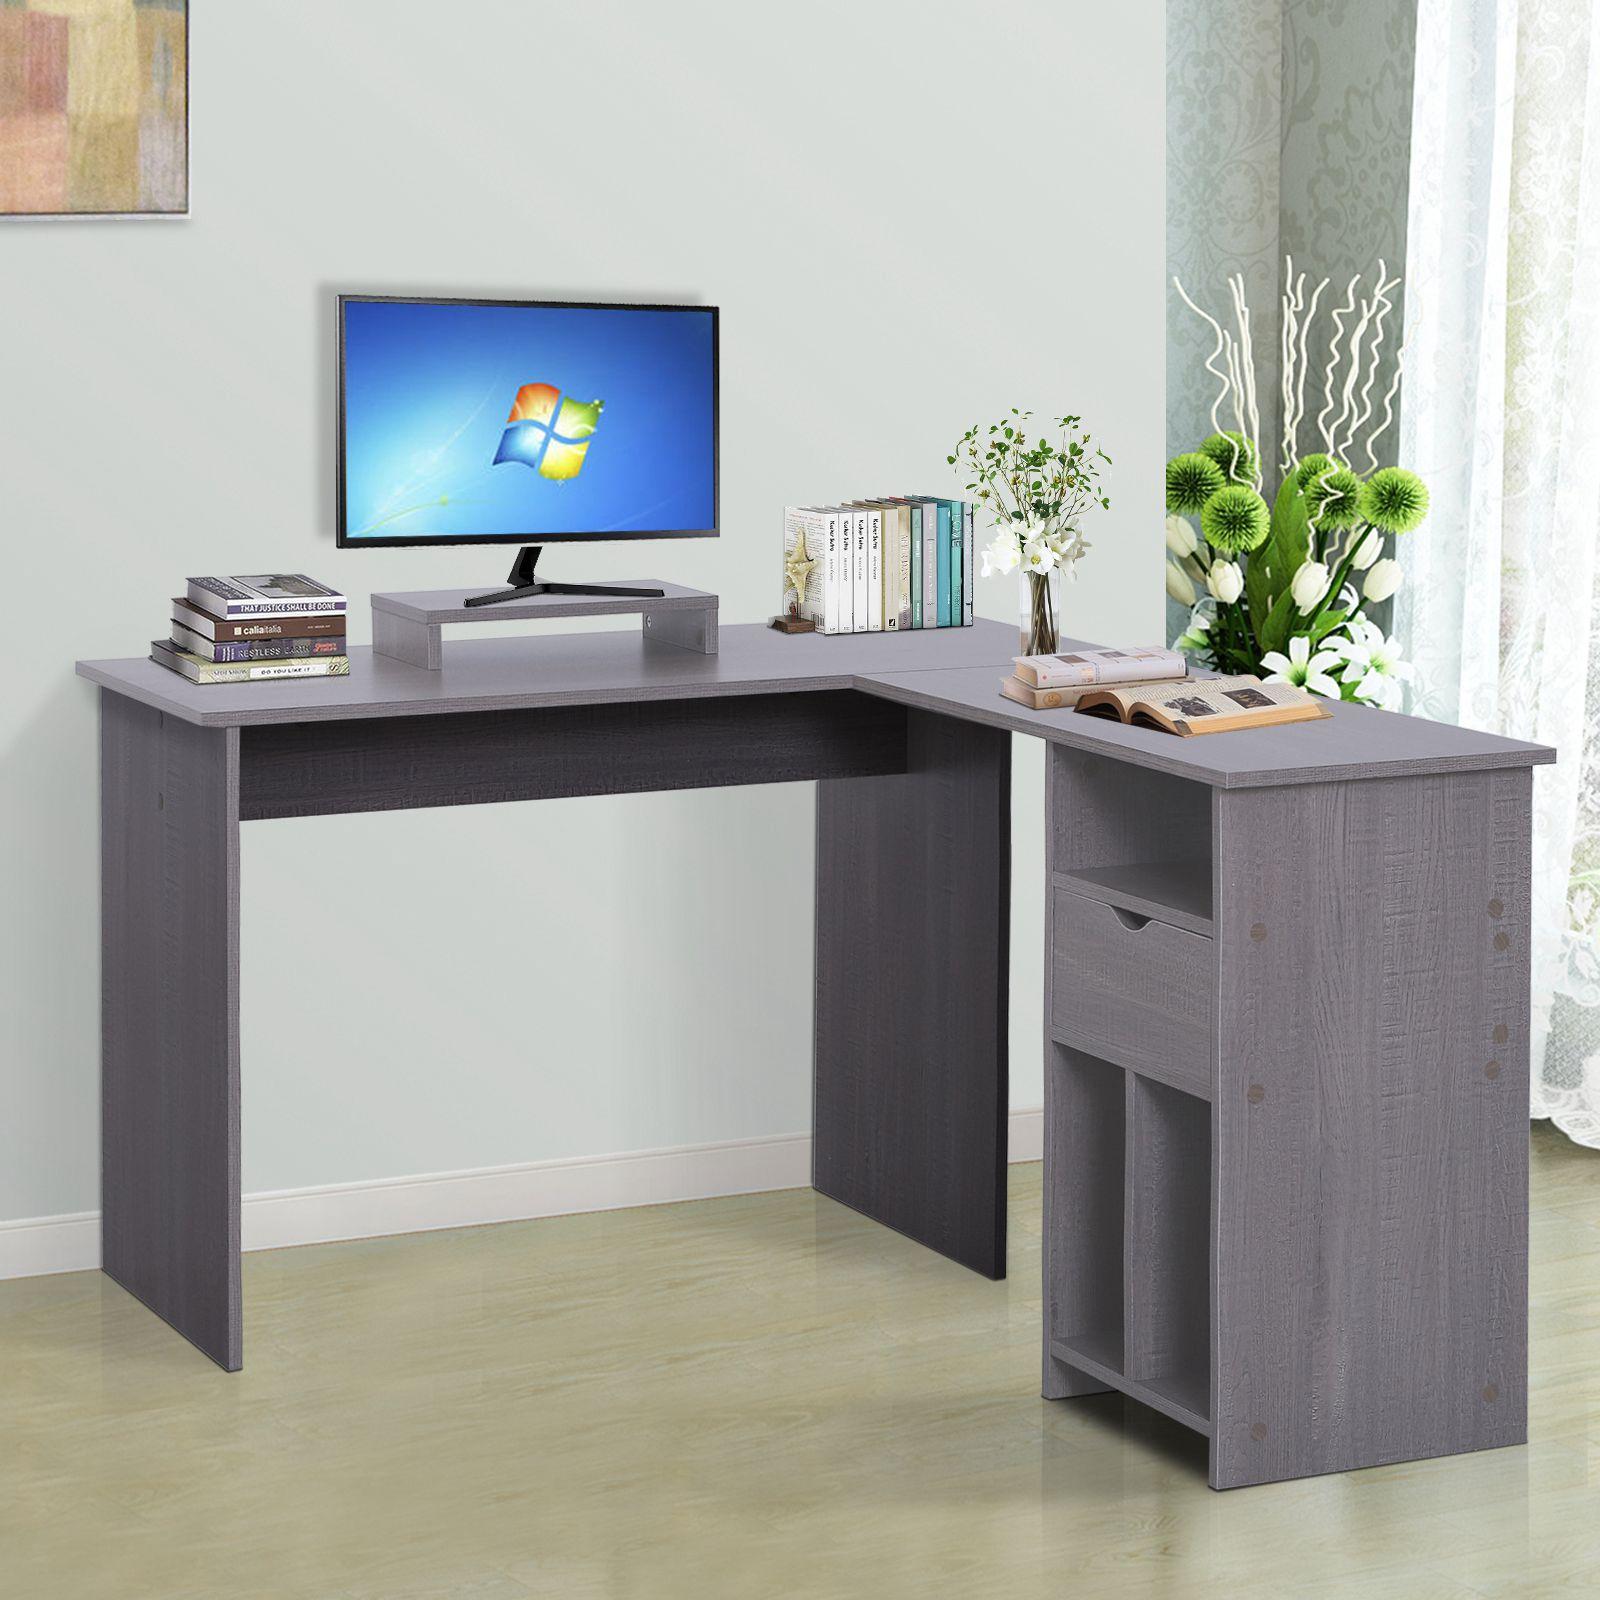 Details Sur Vinsetto Bureau Informatique Table D Angle Bureau Support Moniteur 3 Niches Gris